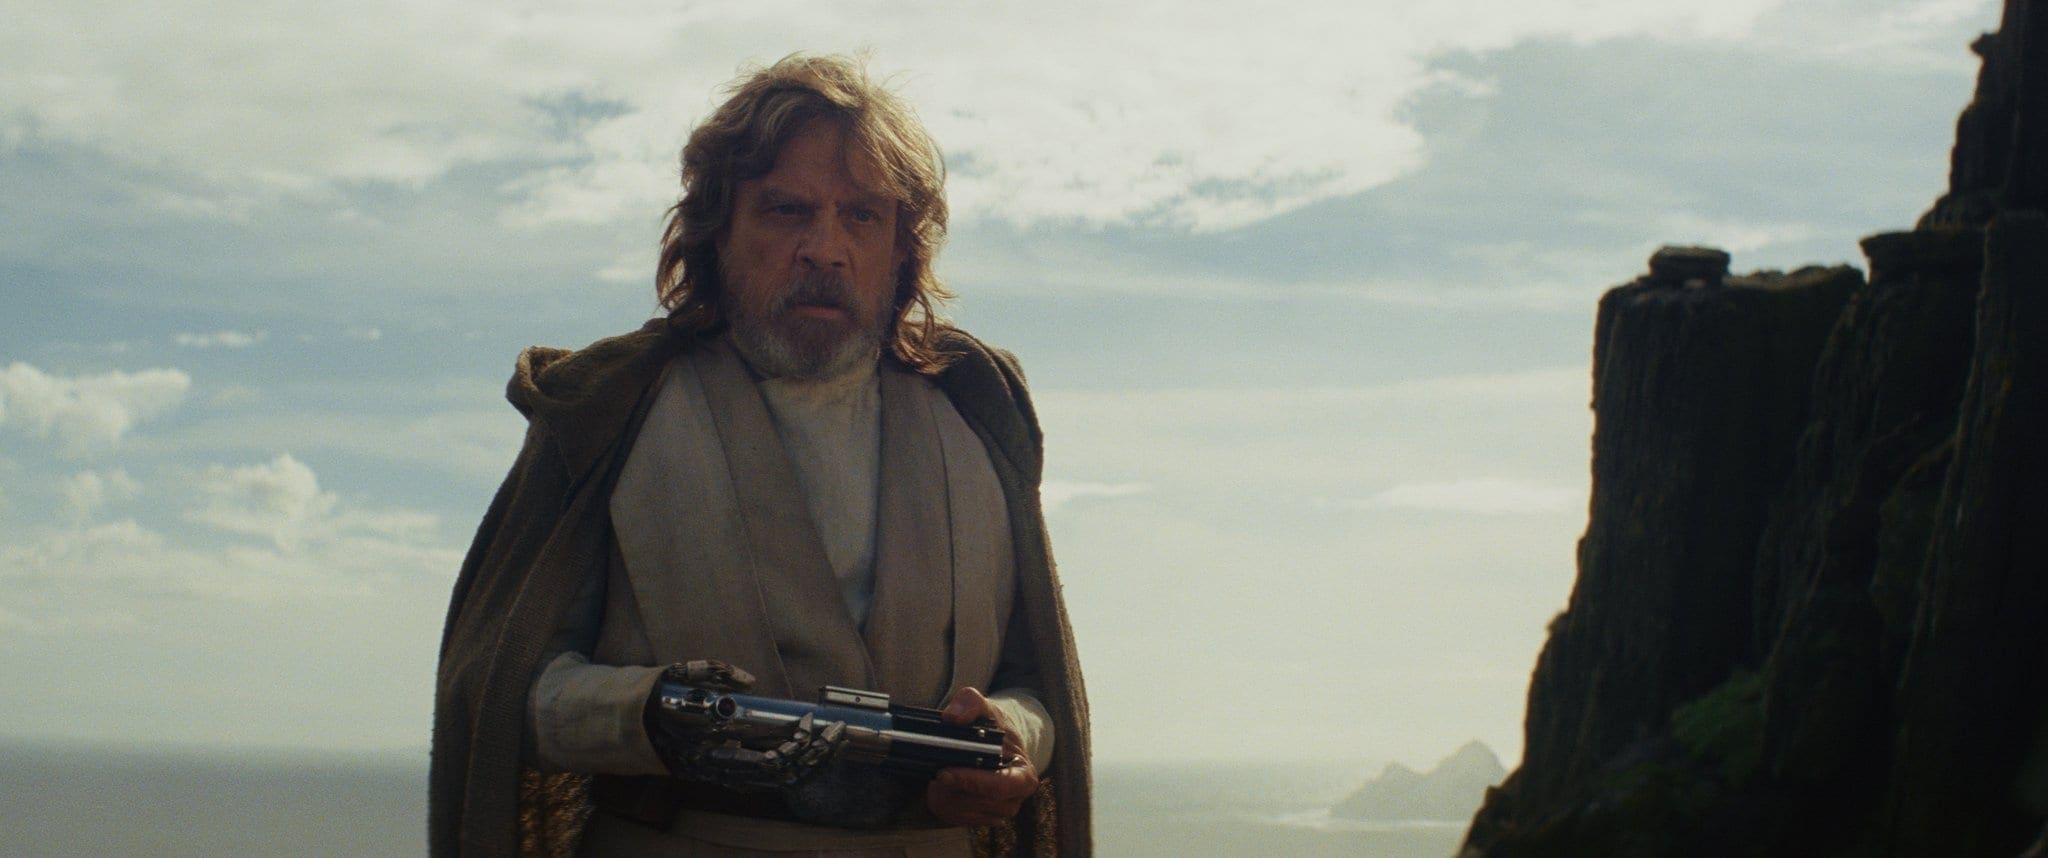 Star Wars: The Last Jedi..Luke Skywalker (Mark Hamill)..Photo: Lucasfilm Ltd. ..© 2017 Lucasfilm Ltd. All Rights Reserved.